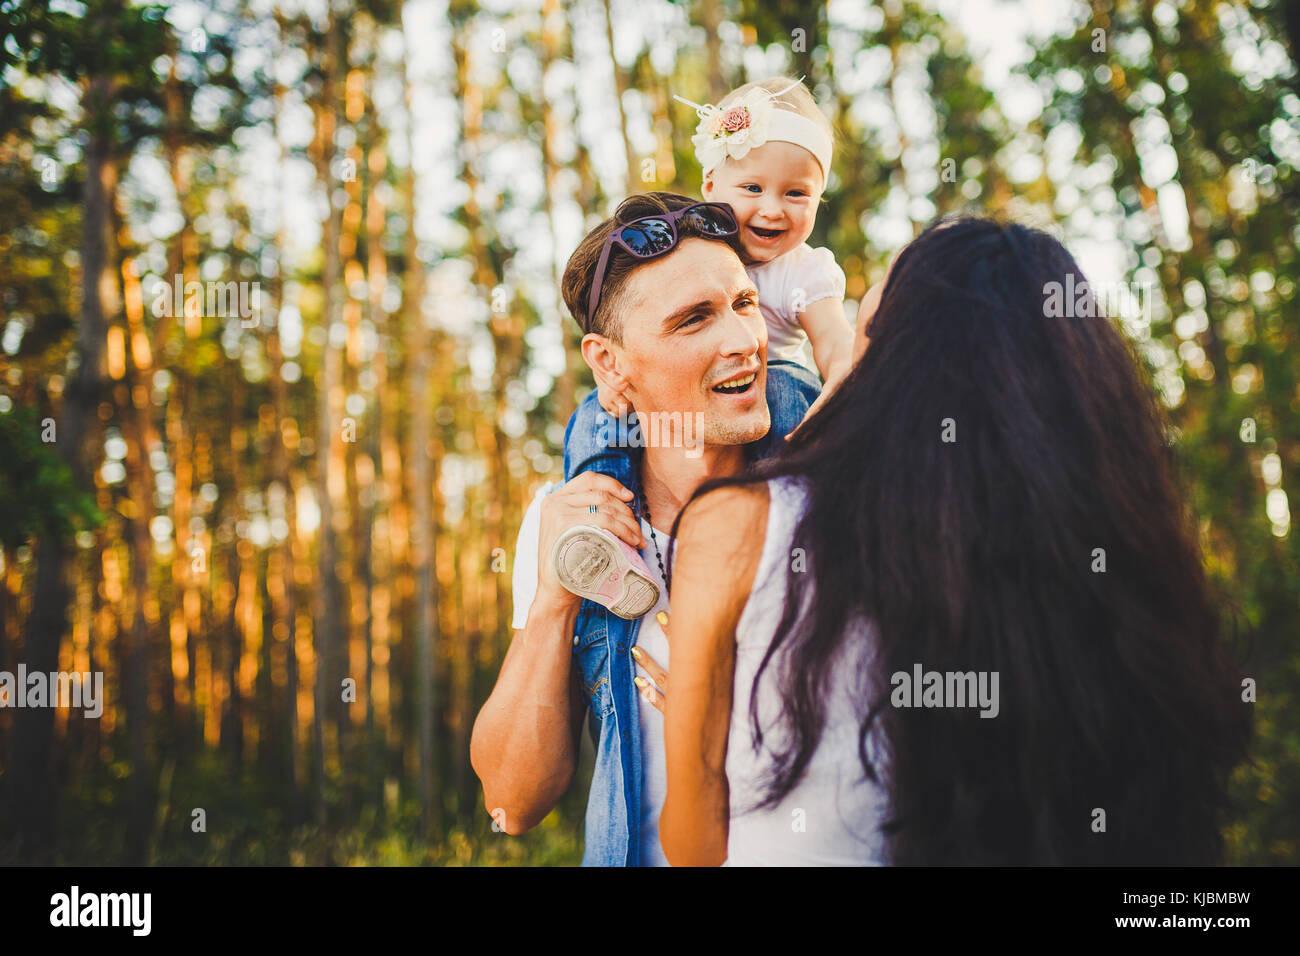 Jeune famille élégant de mère, père et fille blonde d'un an assis près de père sur les épaules, en plein air à l'extérieur Banque D'Images